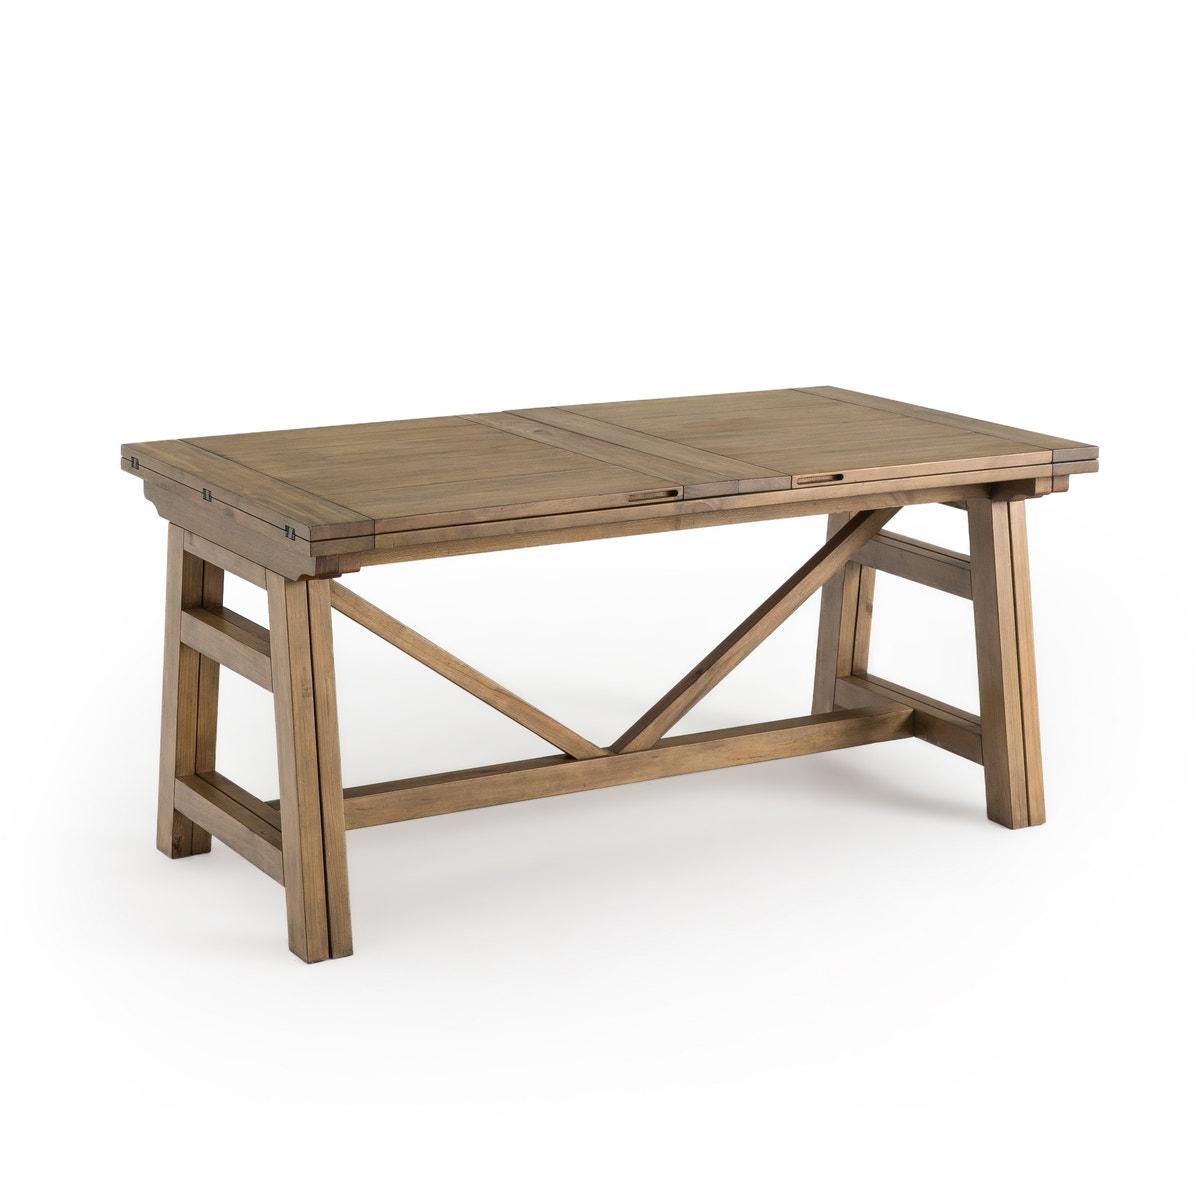 Τραπέζι 6/12 ατόμων από μασίφ ξύλο πεύκου, Wabi